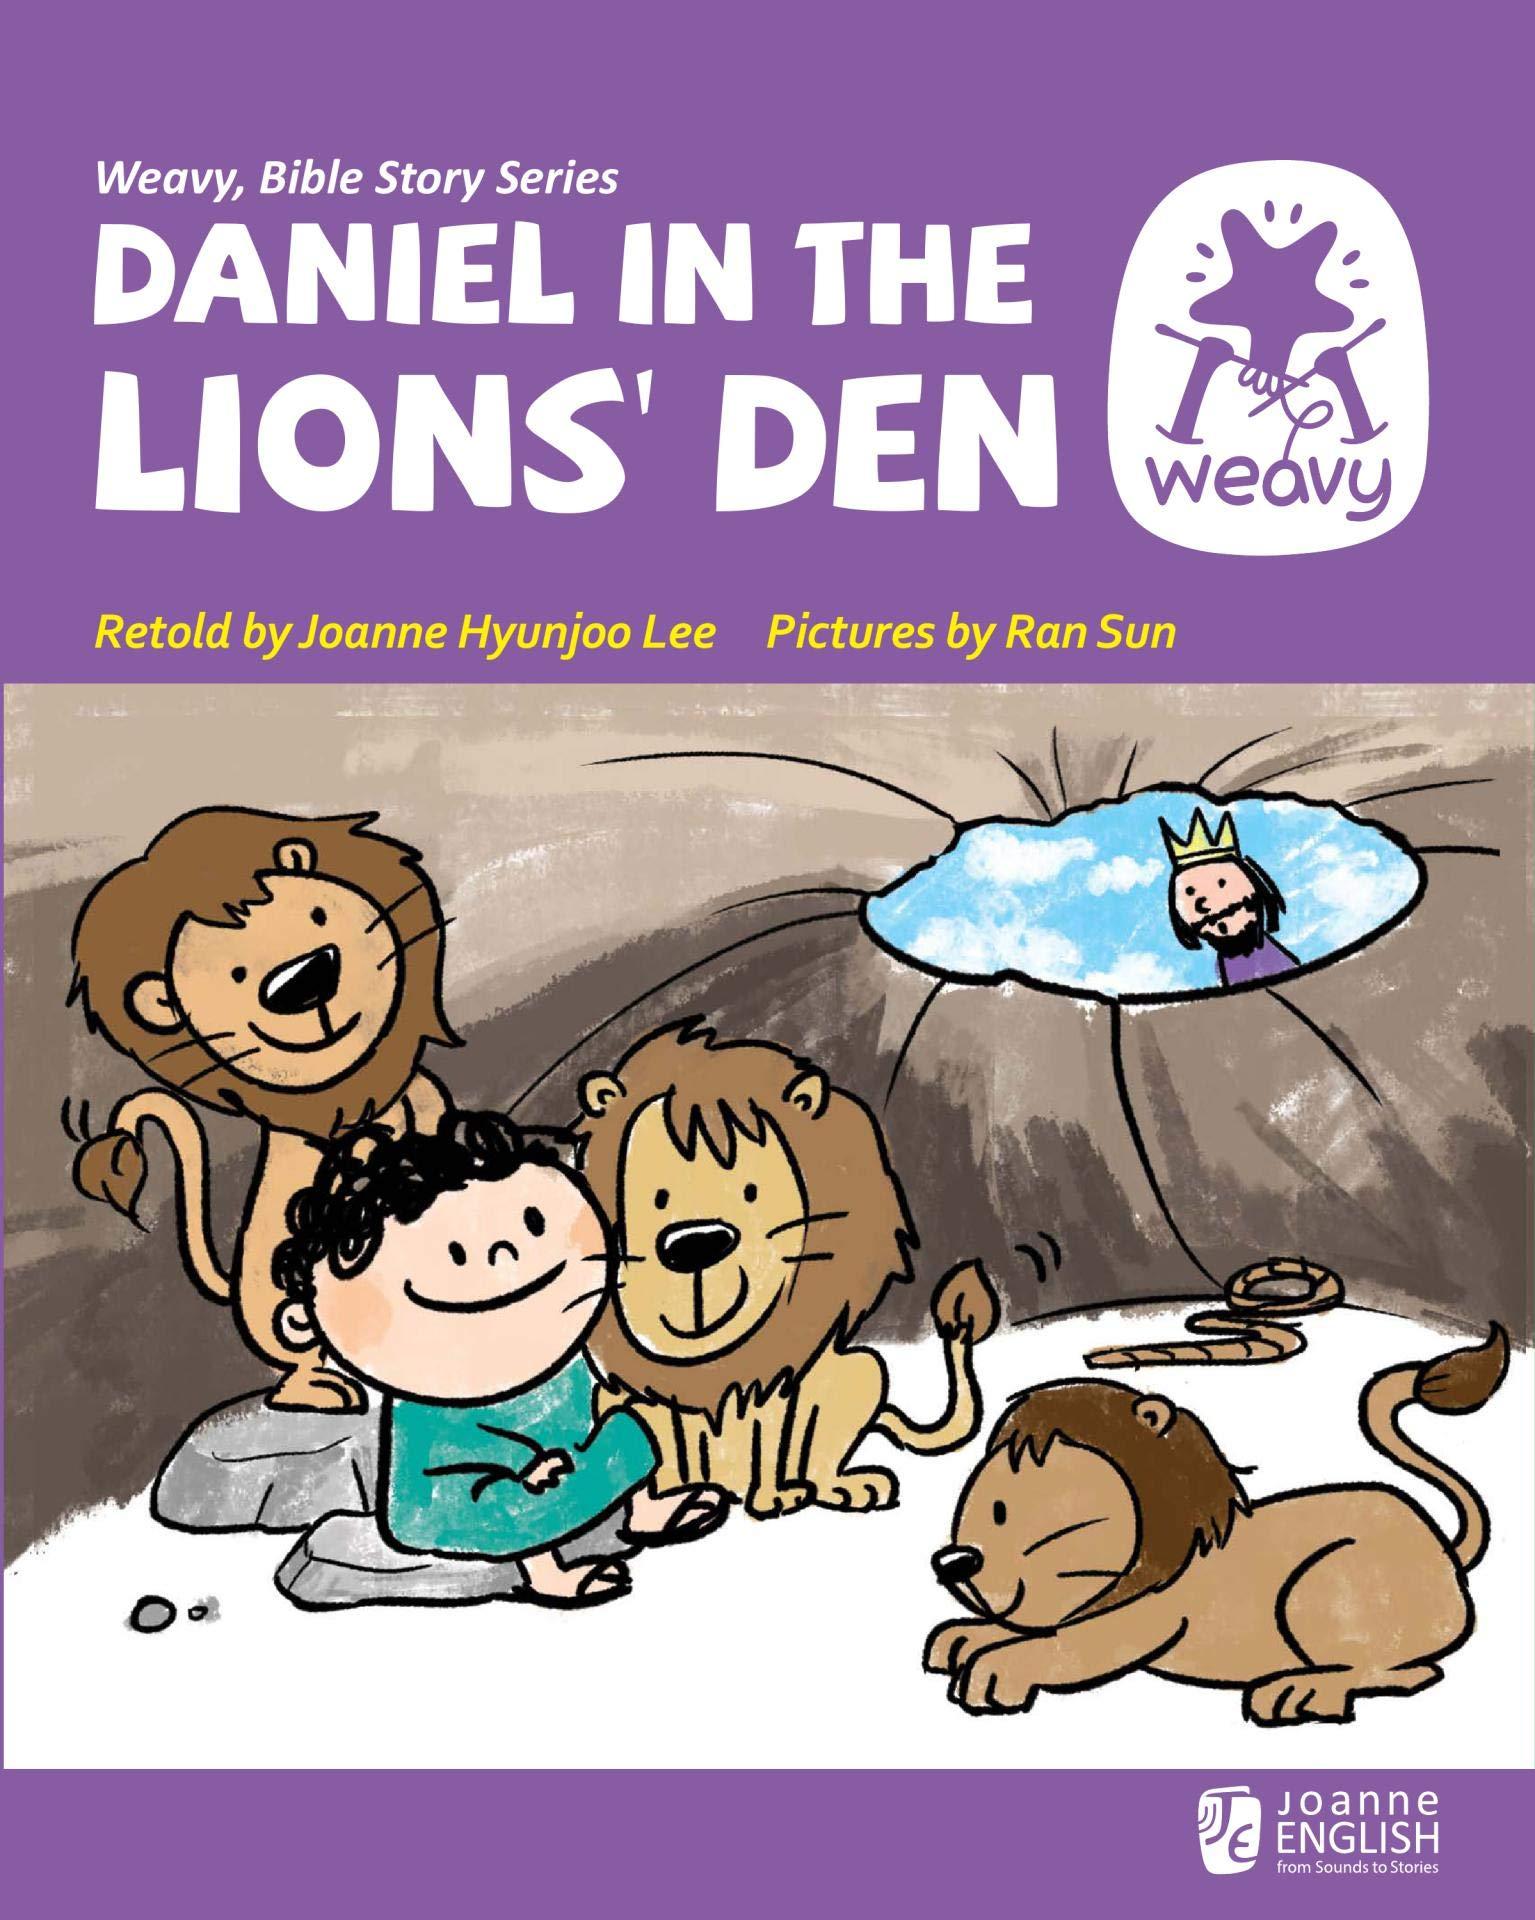 Daniel in the Lions' Den (Weavy Bible Series Book 19)